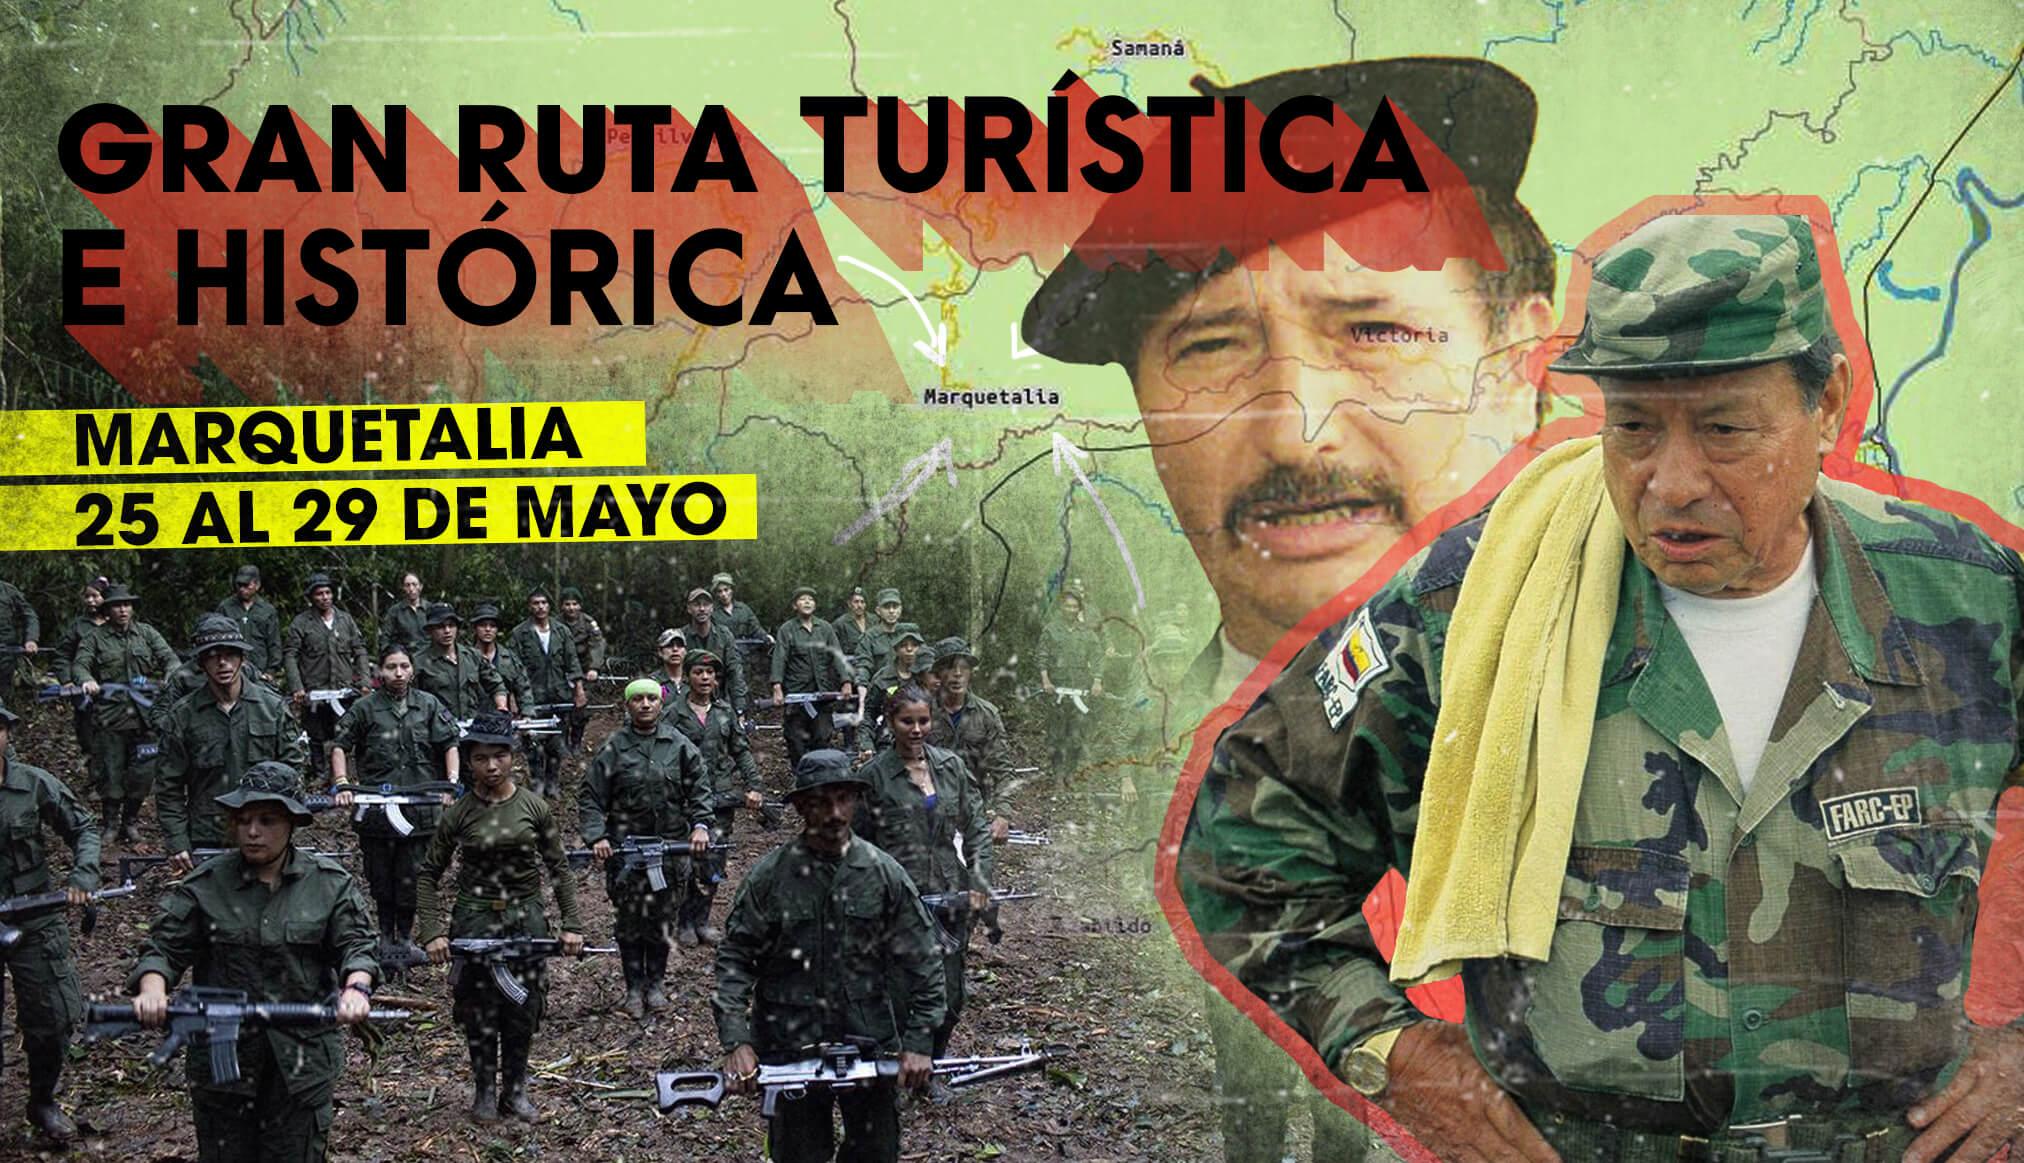 El tour de las Farc a Marquetalia: arranca el turismo histórico de la guerrilla